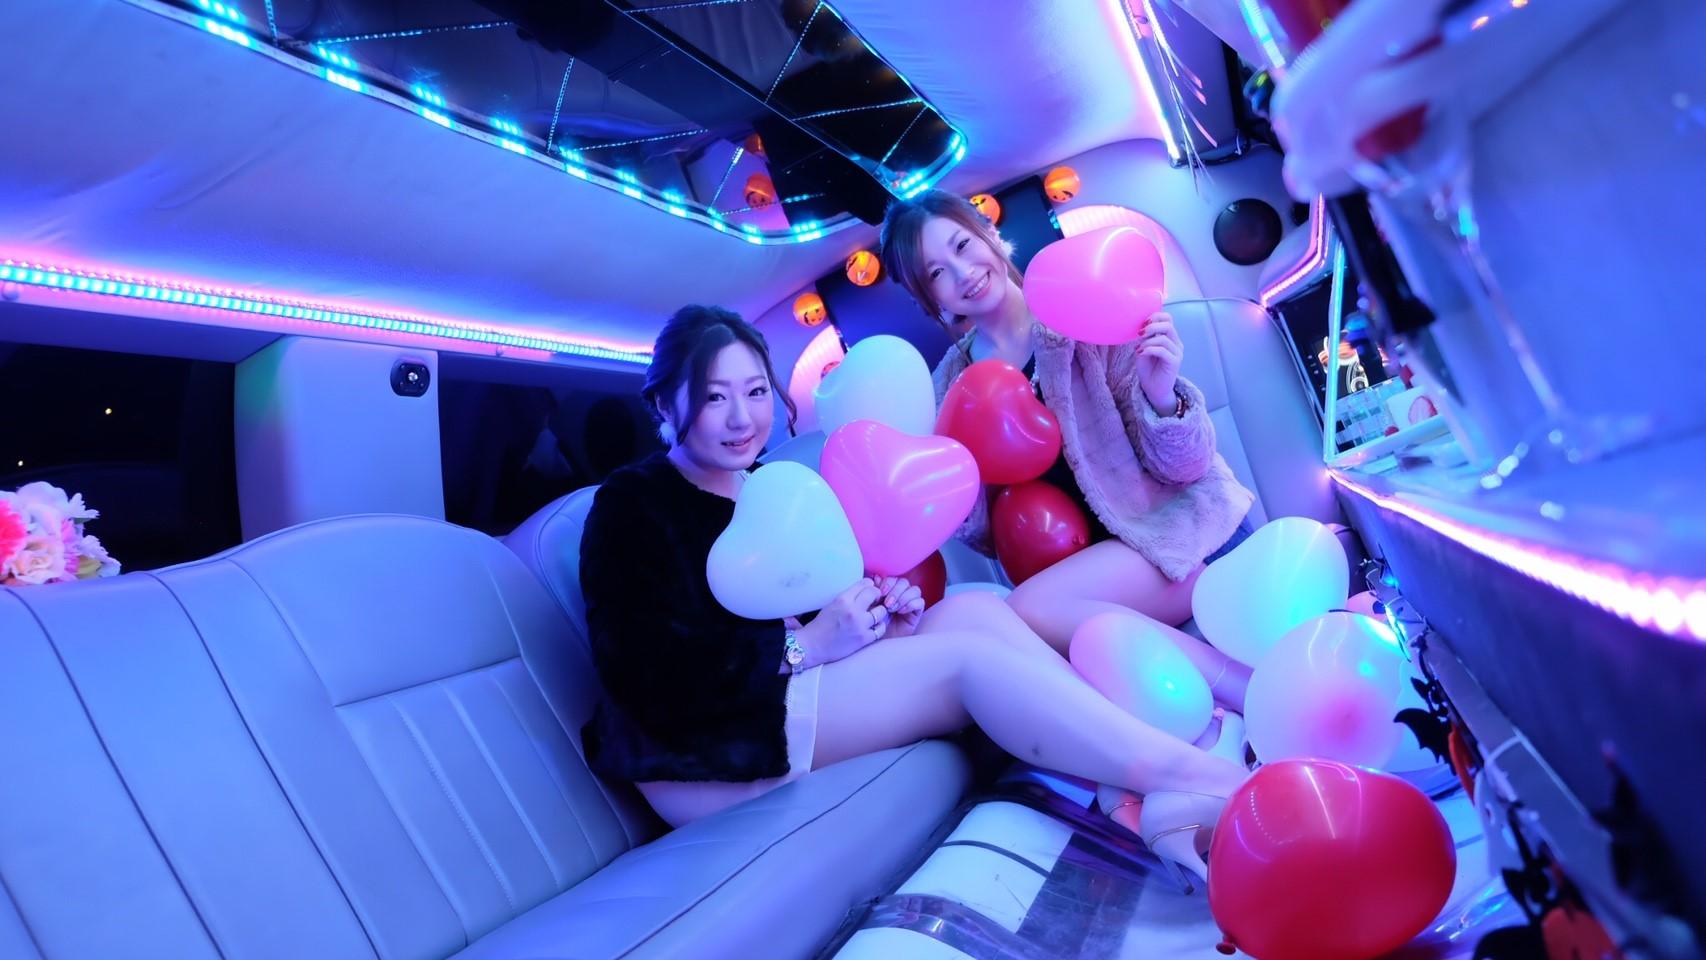 リムジンパーティー リムジン女子会 リムジン リムジンレンタル リムジン誕生日 リムジン誕生日 リムジンサプライズ